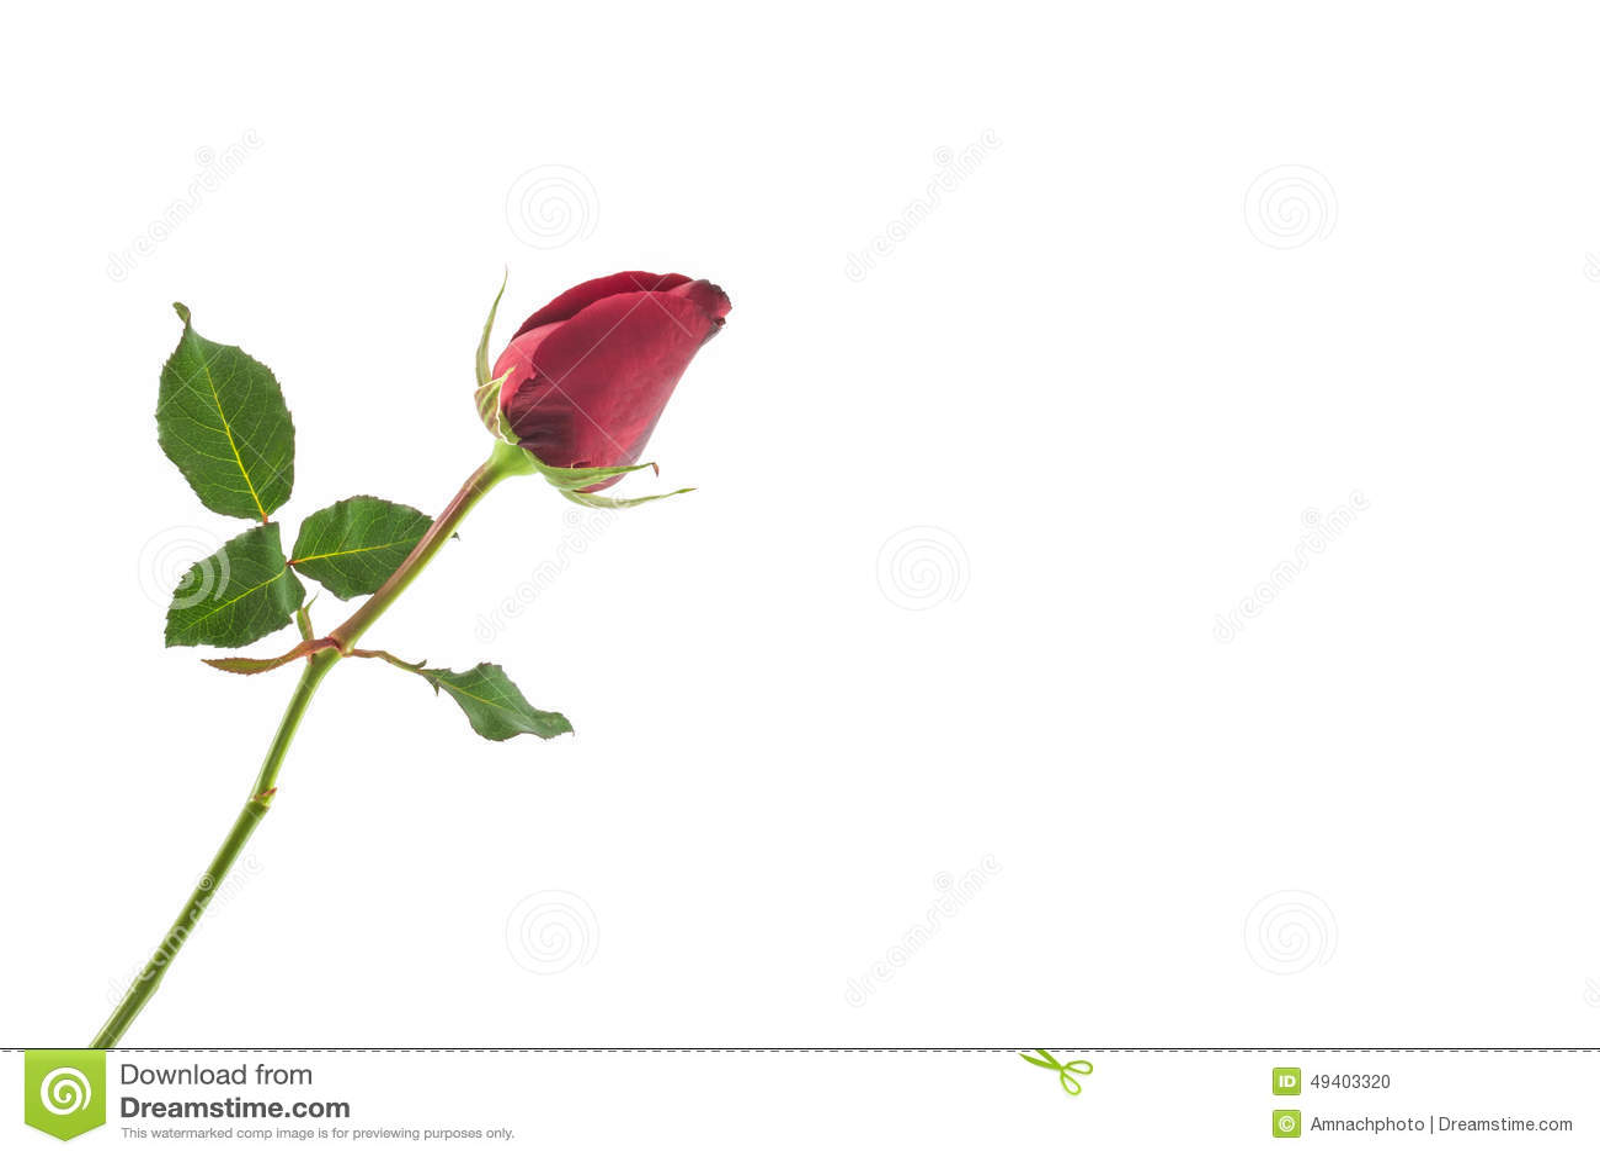 Download Rot stieg stockfoto. Bild von geläufig, dekorativ, flora - 49403320